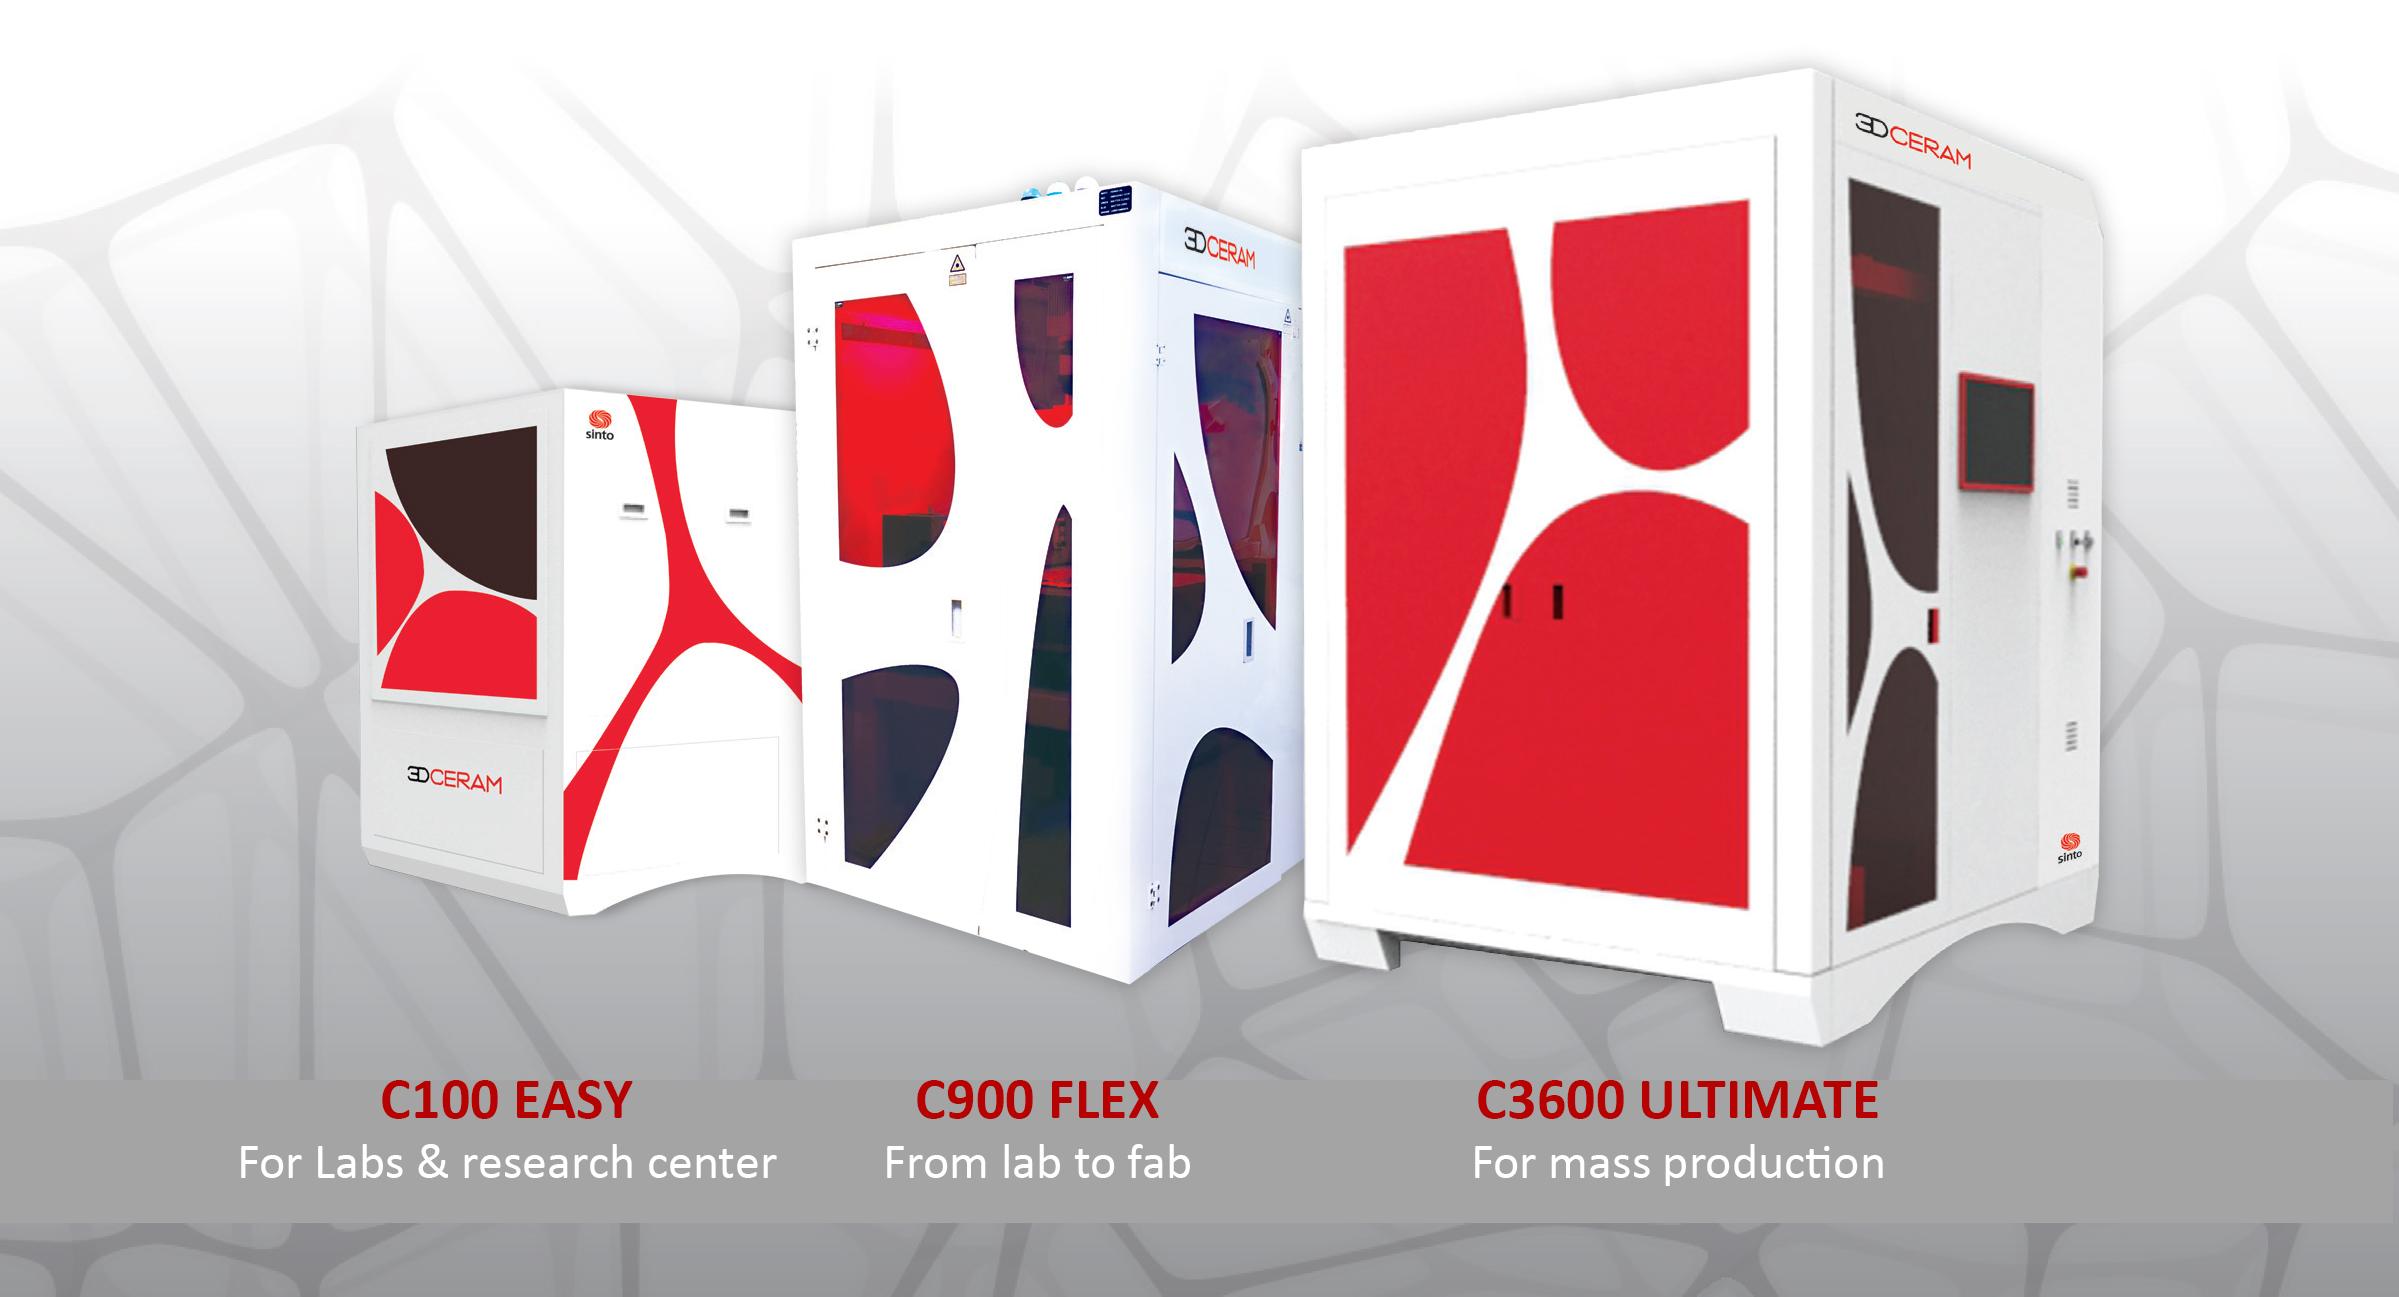 3DCeram range of Ceramic 3D Printers.